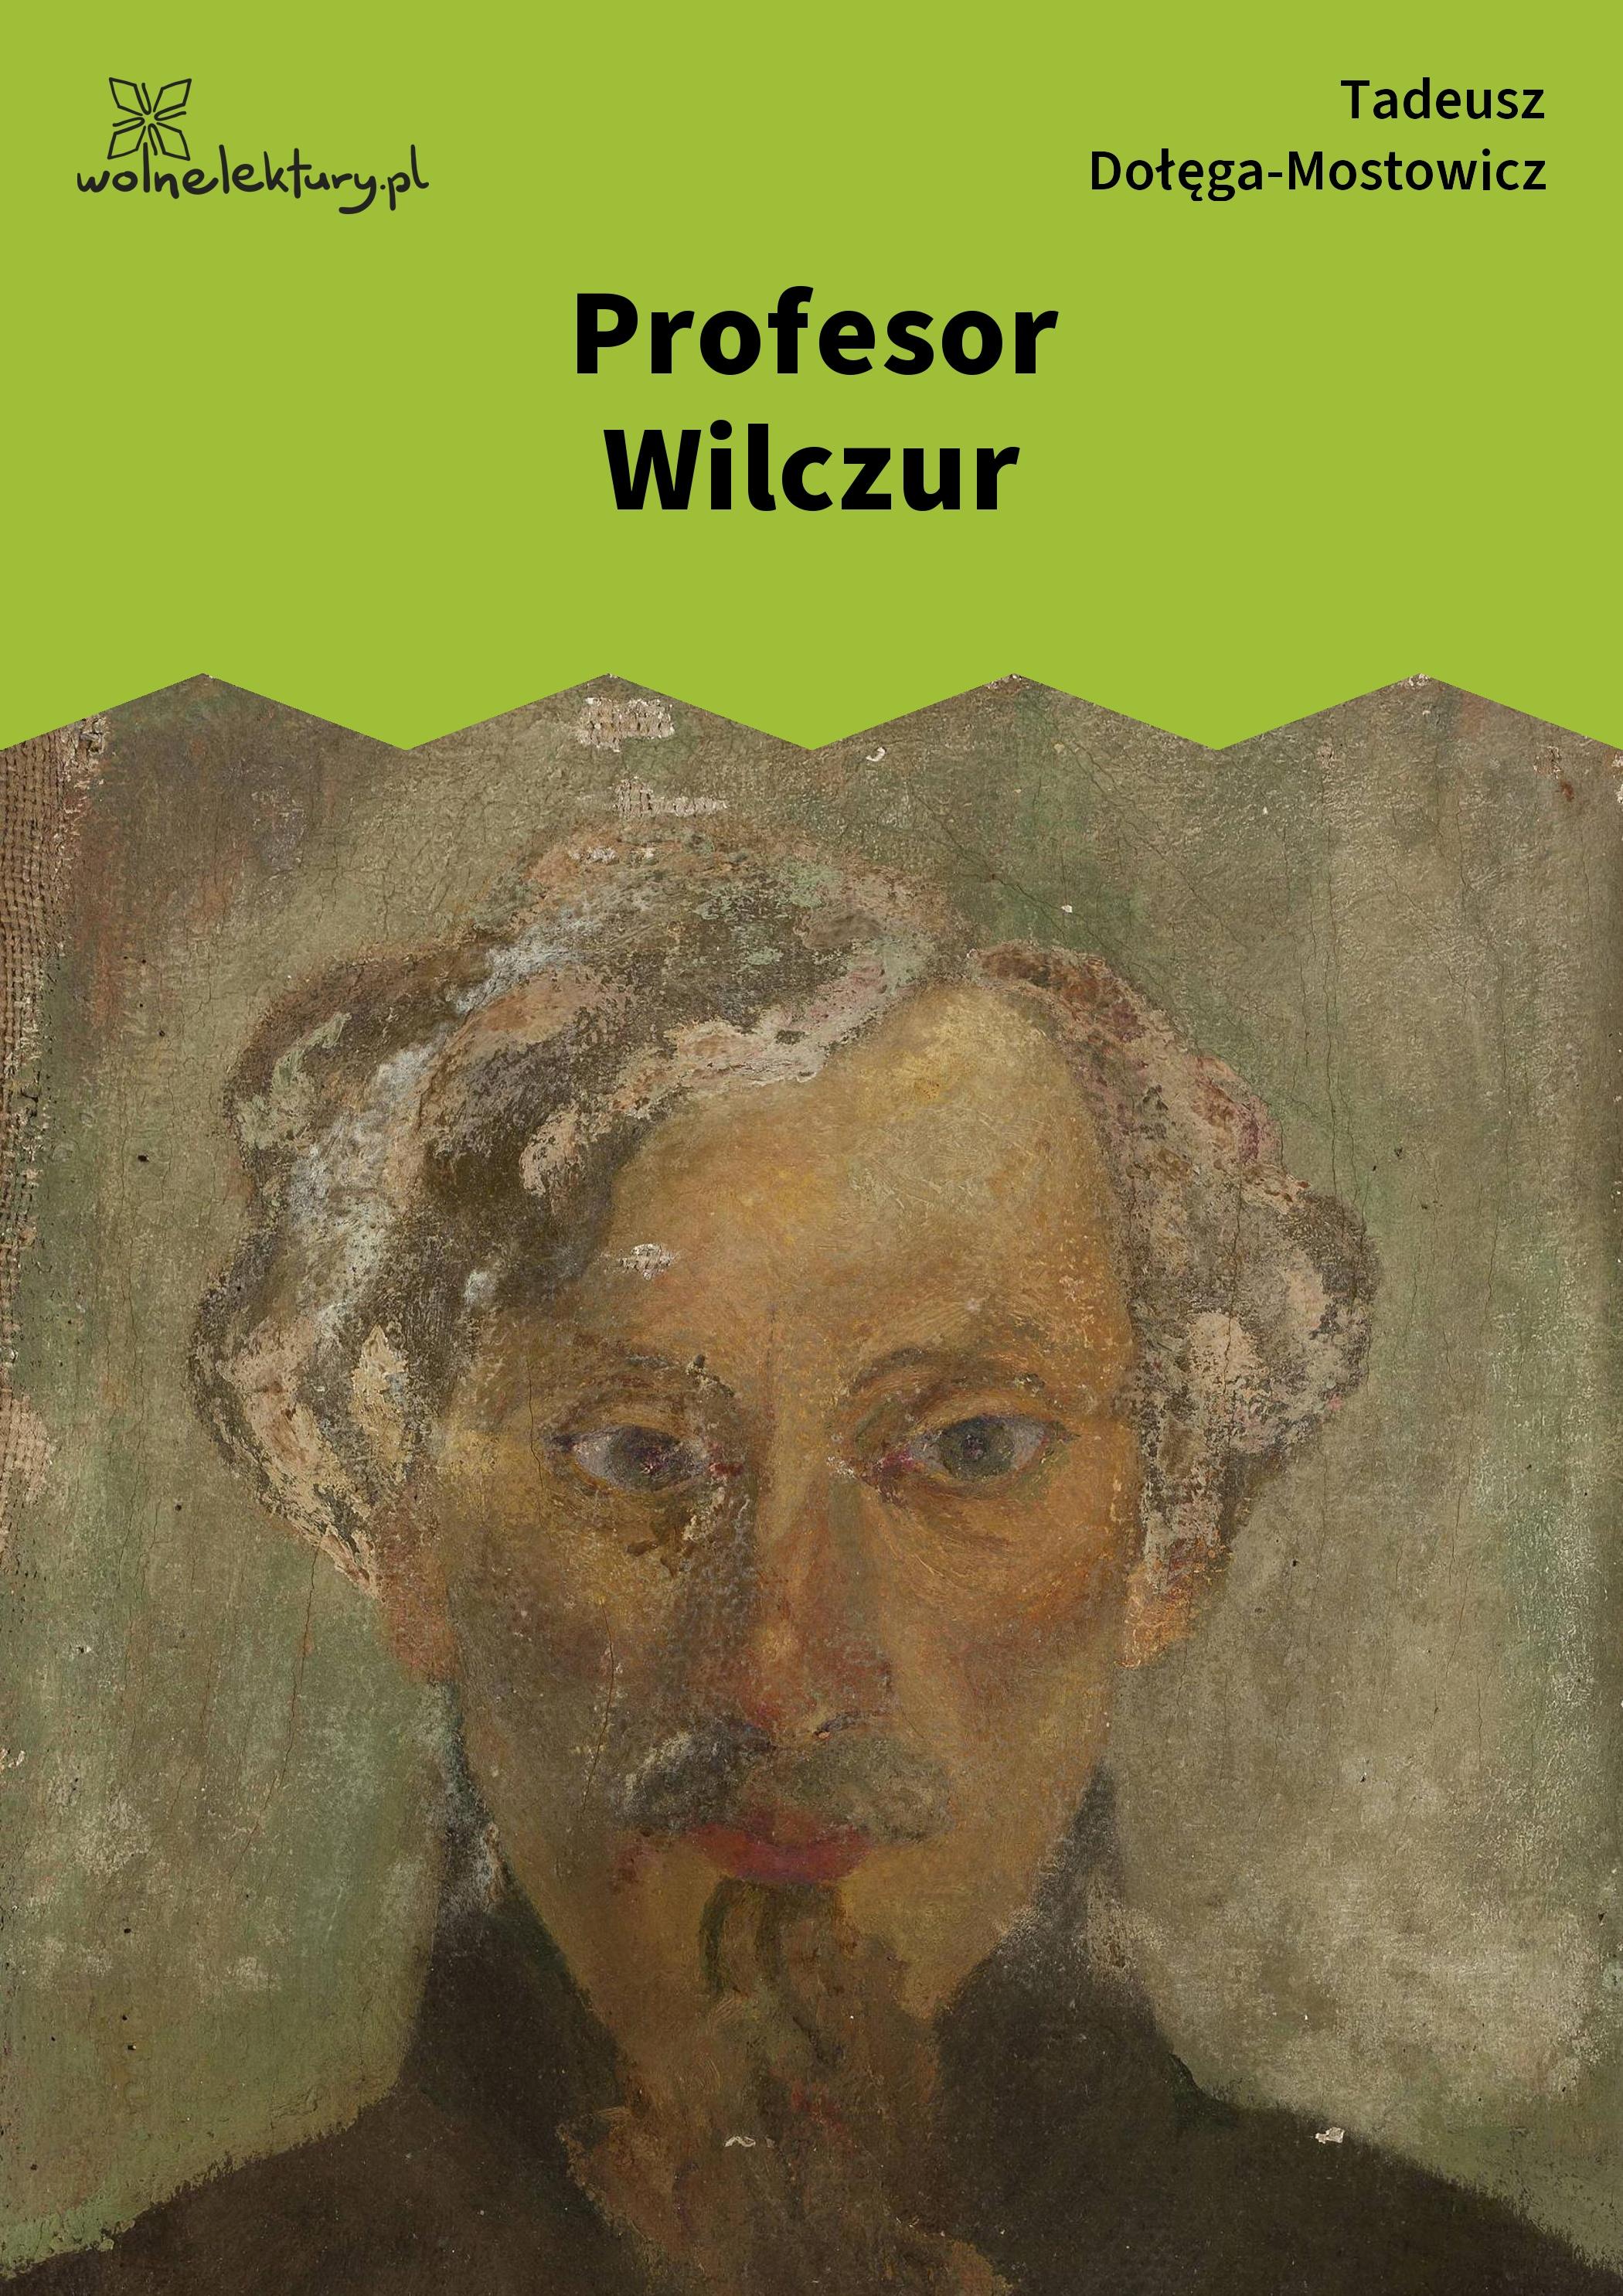 30b88017 Tadeusz Dołęga-Mostowicz, Profesor Wilczur :: Wolne Lektury